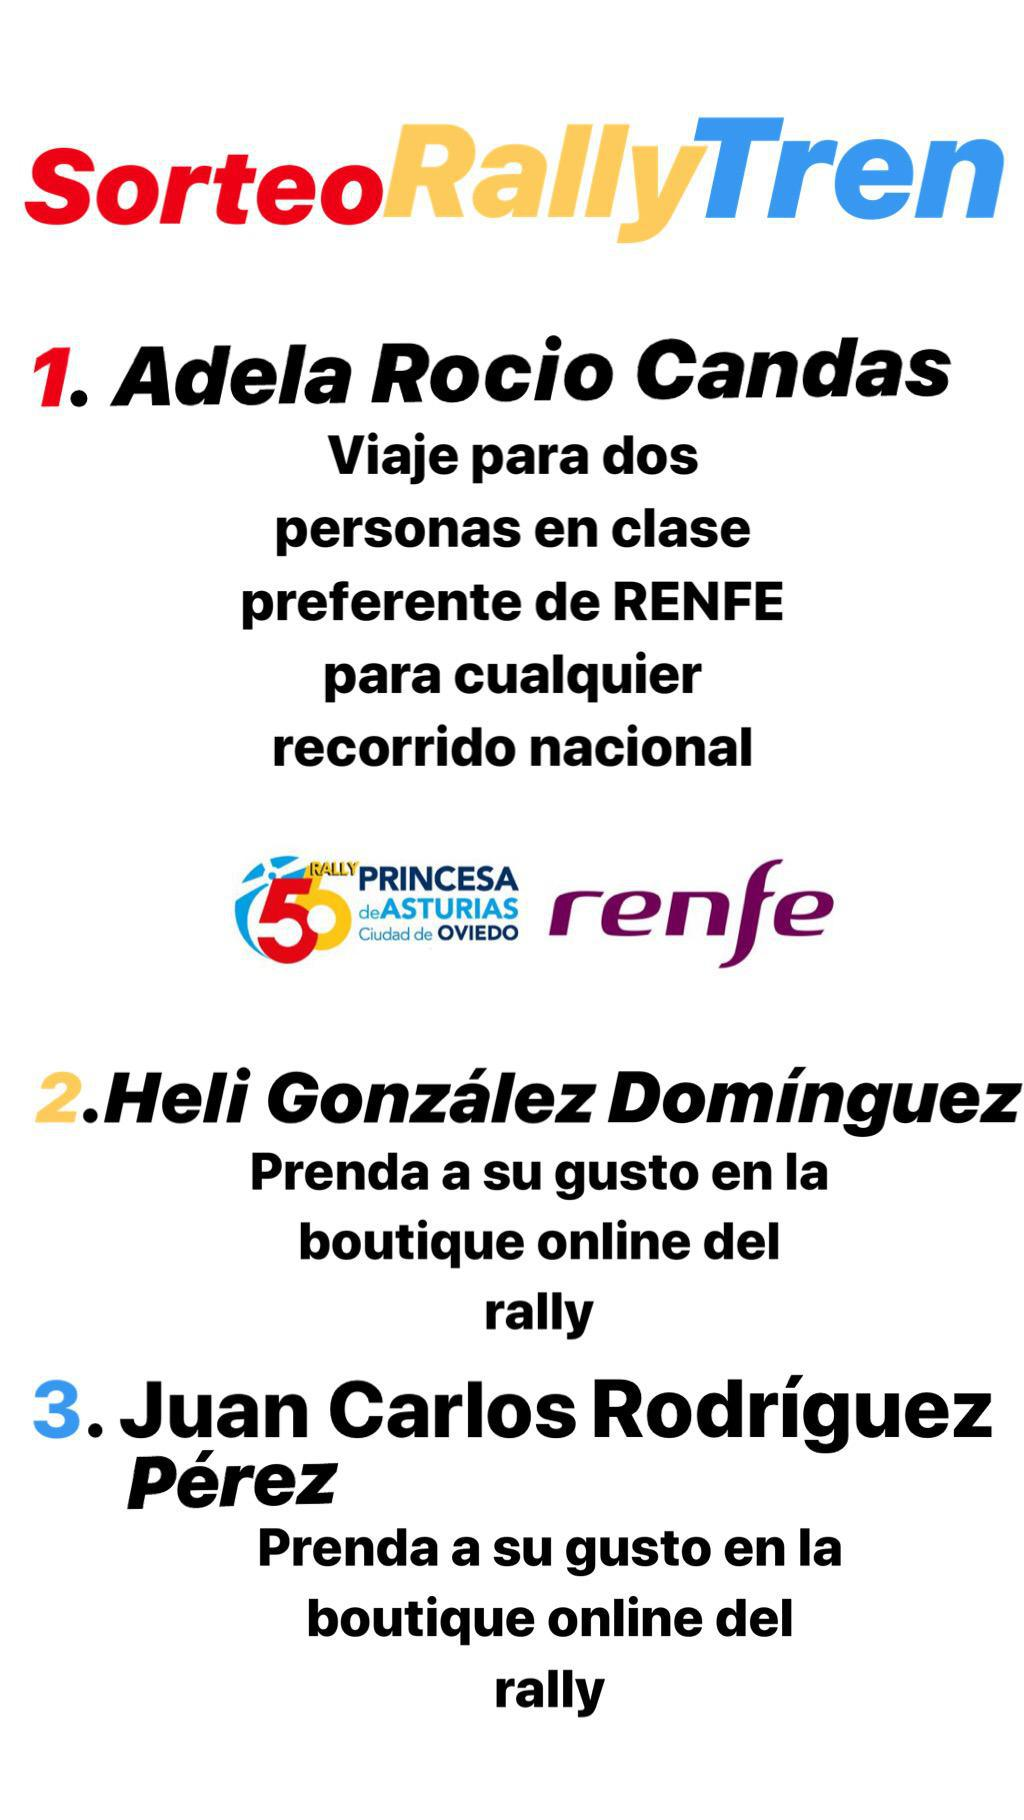 Sorteo Rally Tren Renfe Princesa de Asturias